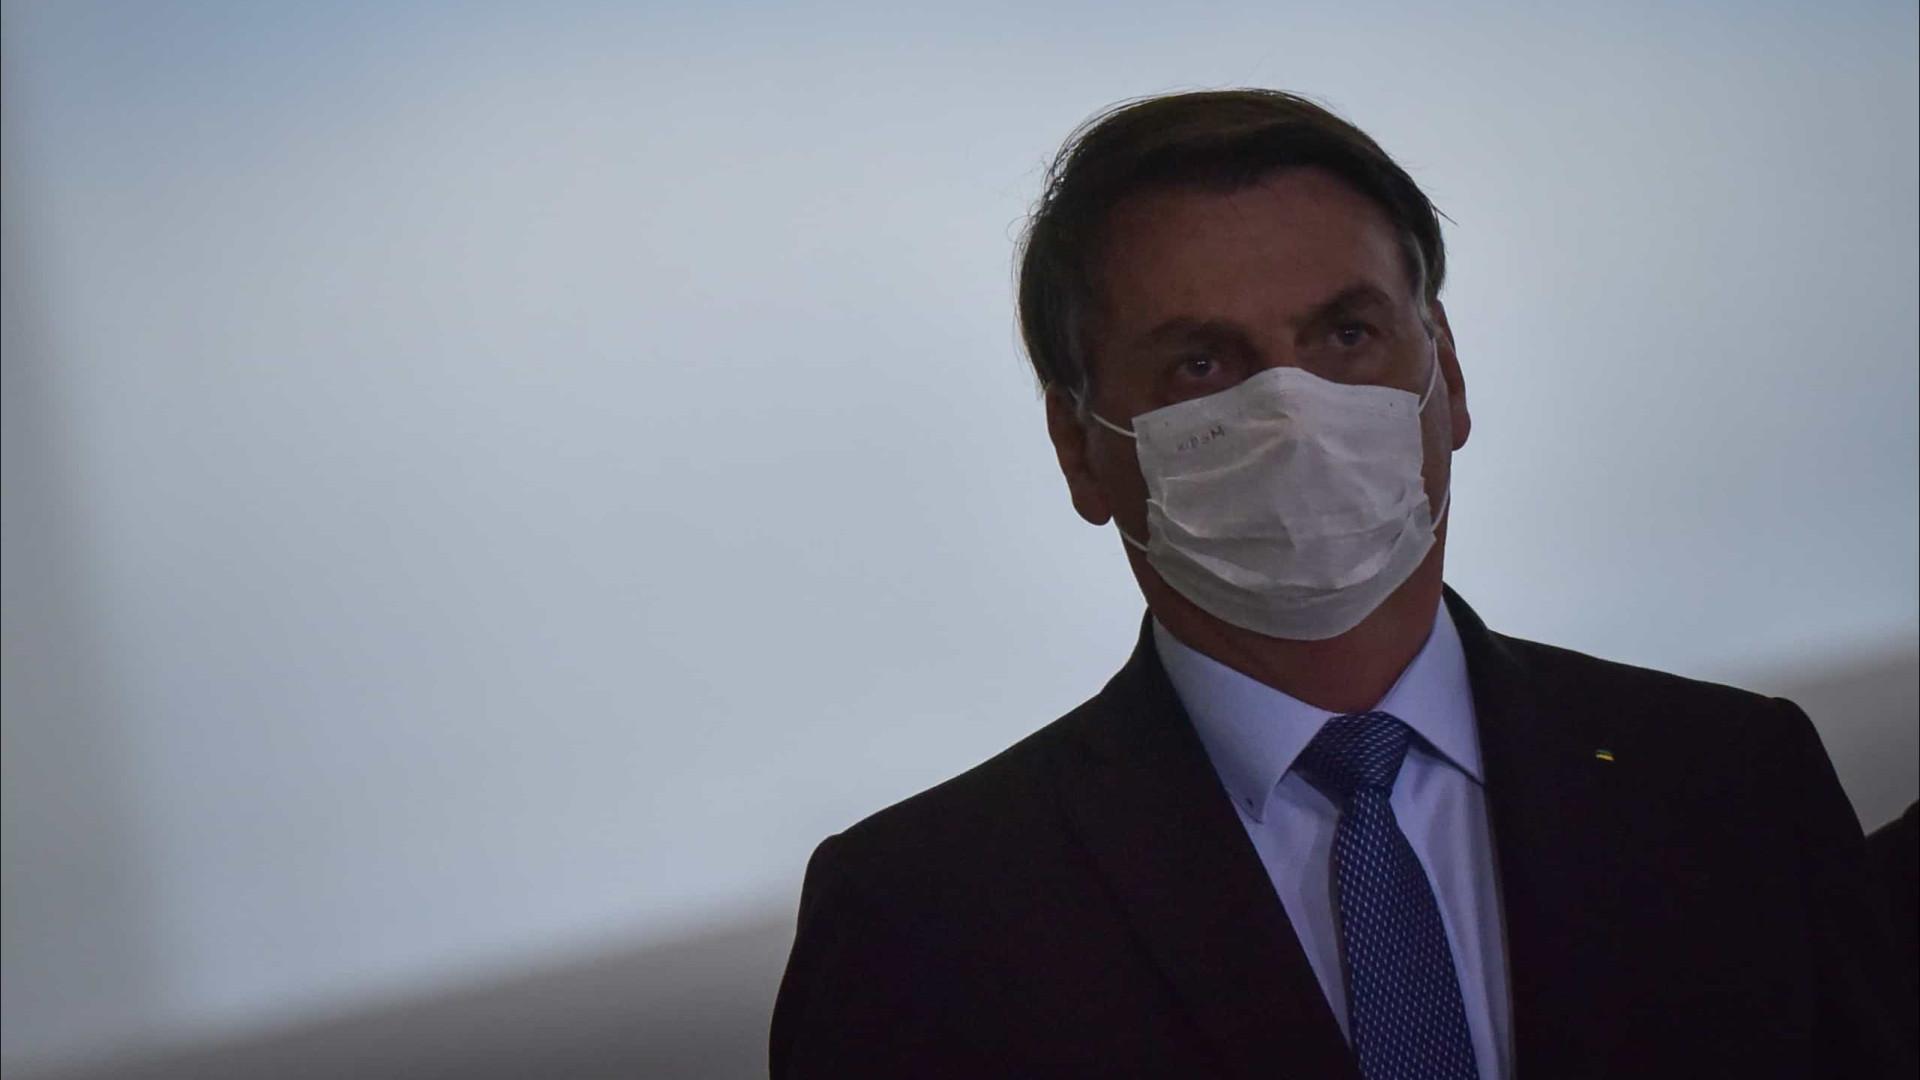 Para provar que está bem, Bolsonaro retira a máscara para falar